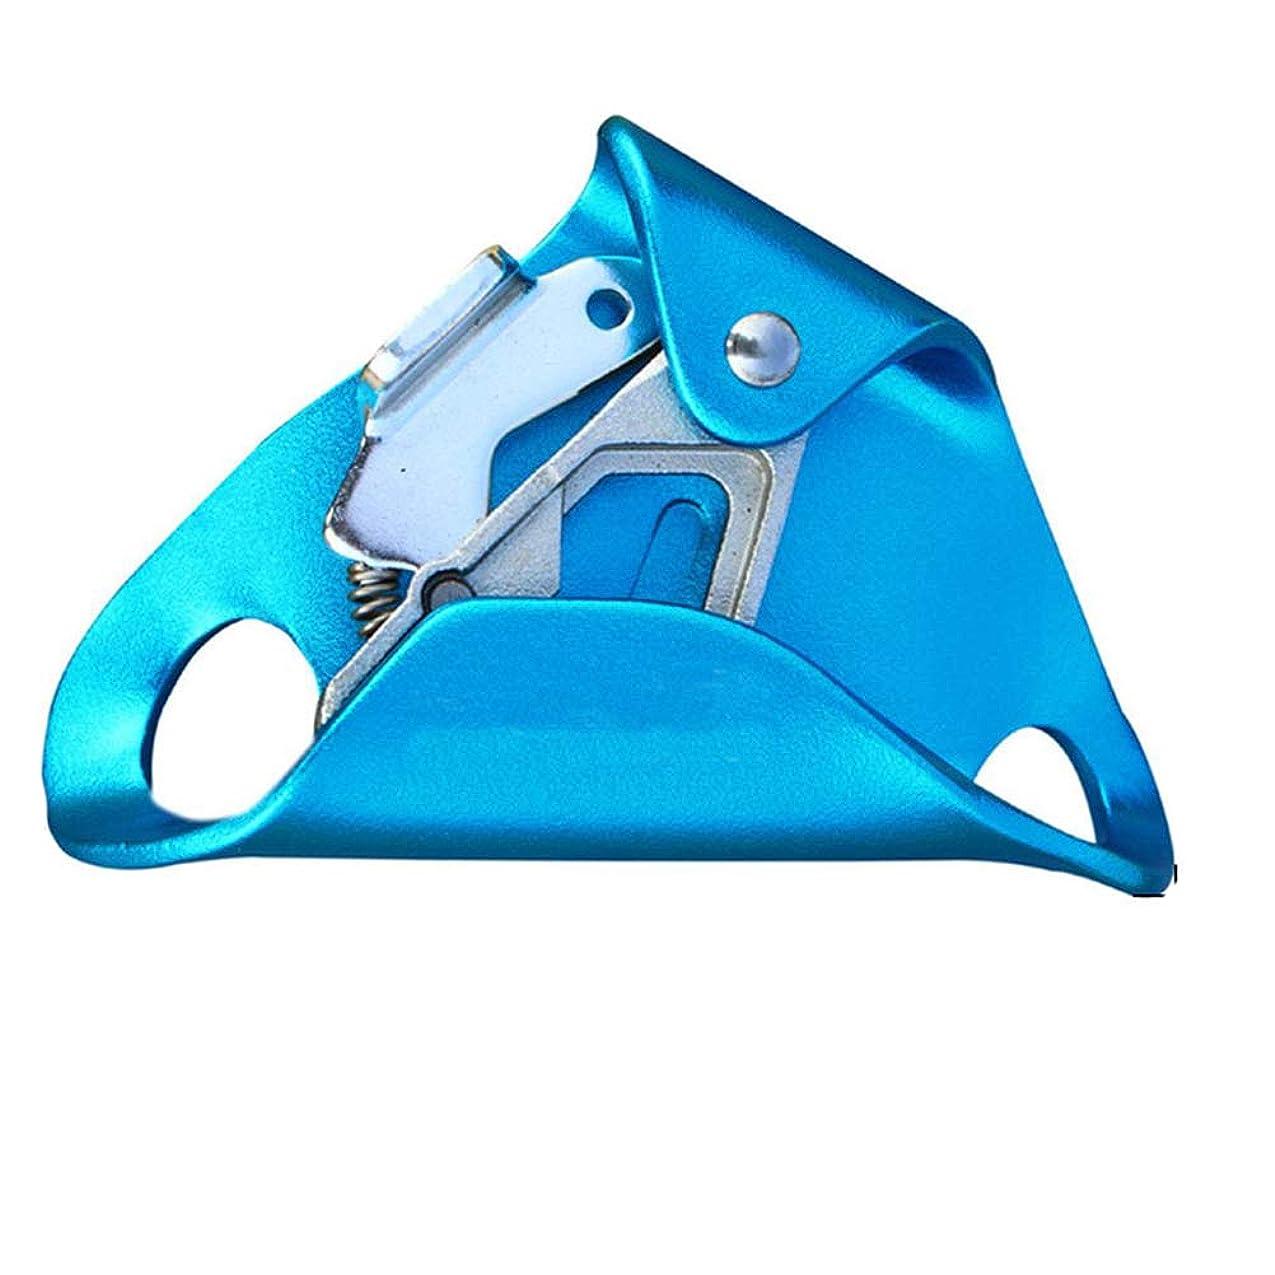 パスアピール強制的iplusmile ロッククライミング チェストアセンダー 保護レスキューロープグラブ 簡単ロープの取り付け アウトドアキャンプロッククライミング用具(青)